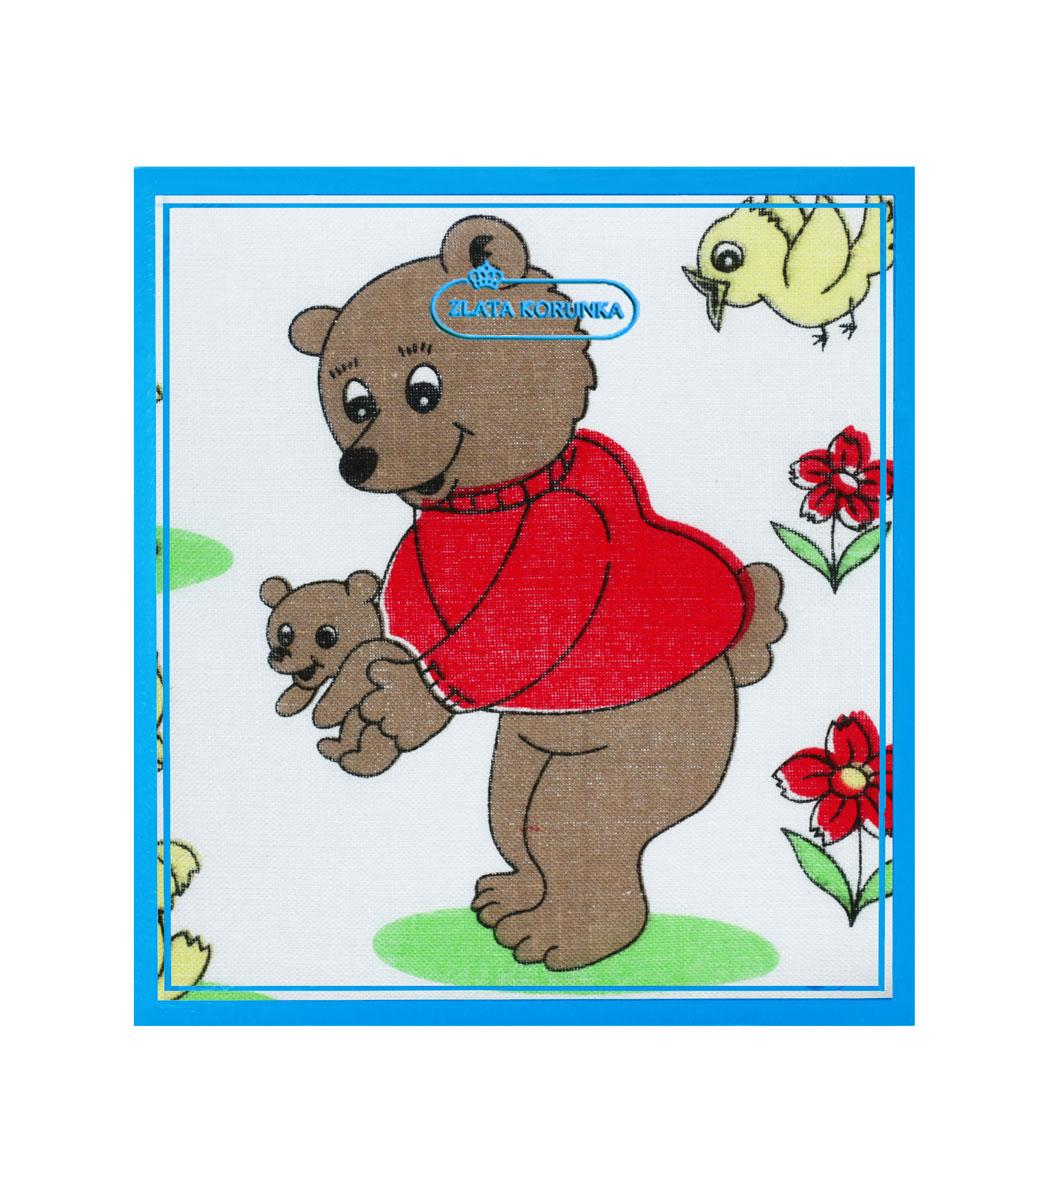 40230-3 Zlata Korunka Носовой платок детский, цвет: мультиколор, 21х21 см, 2 шт40230-3Платки носовые детские в упаковке по 2 шт. Носовые платки изготовлены из 100% хлопка, так как этот материал приятен в использовании, хорошо стирается, не садится, отлично впитывает влагу.